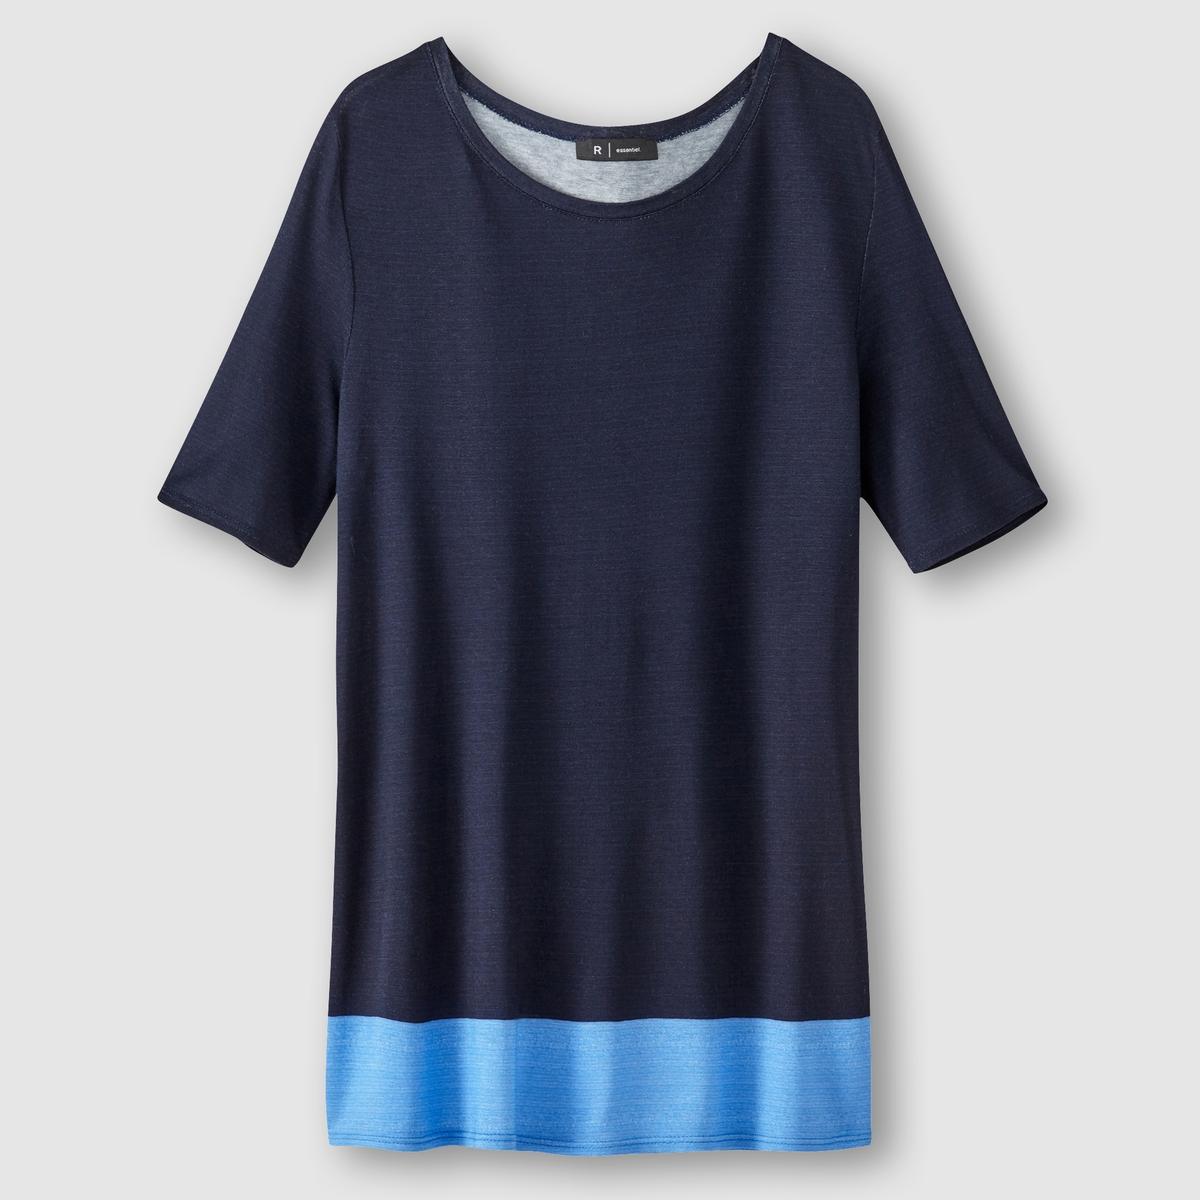 Футболка с короткими рукавами R essentielФутболка с рукавами по локоть R essentiel. Контрастная полоса снизу. Круглый вырез.             Состав и описание :  Материал : вискоза   Марка : R essentiel.<br><br>Цвет: темно-синий/ голубой,фуксия/оранжевый<br>Размер: 34/36 (FR) - 40/42 (RUS)